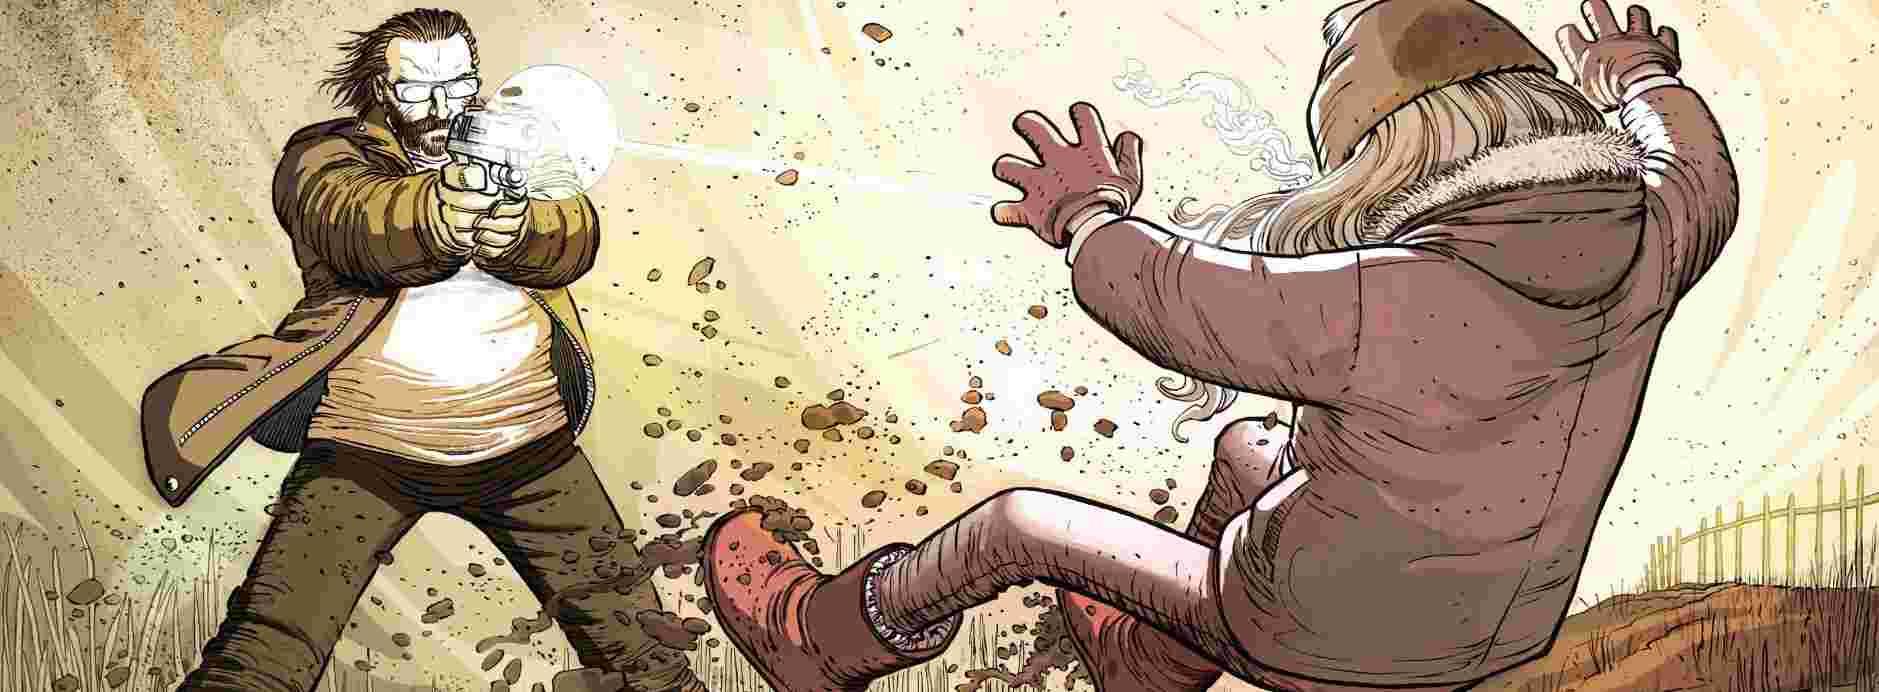 Огляд коміксу Kick-Ass | Комікс